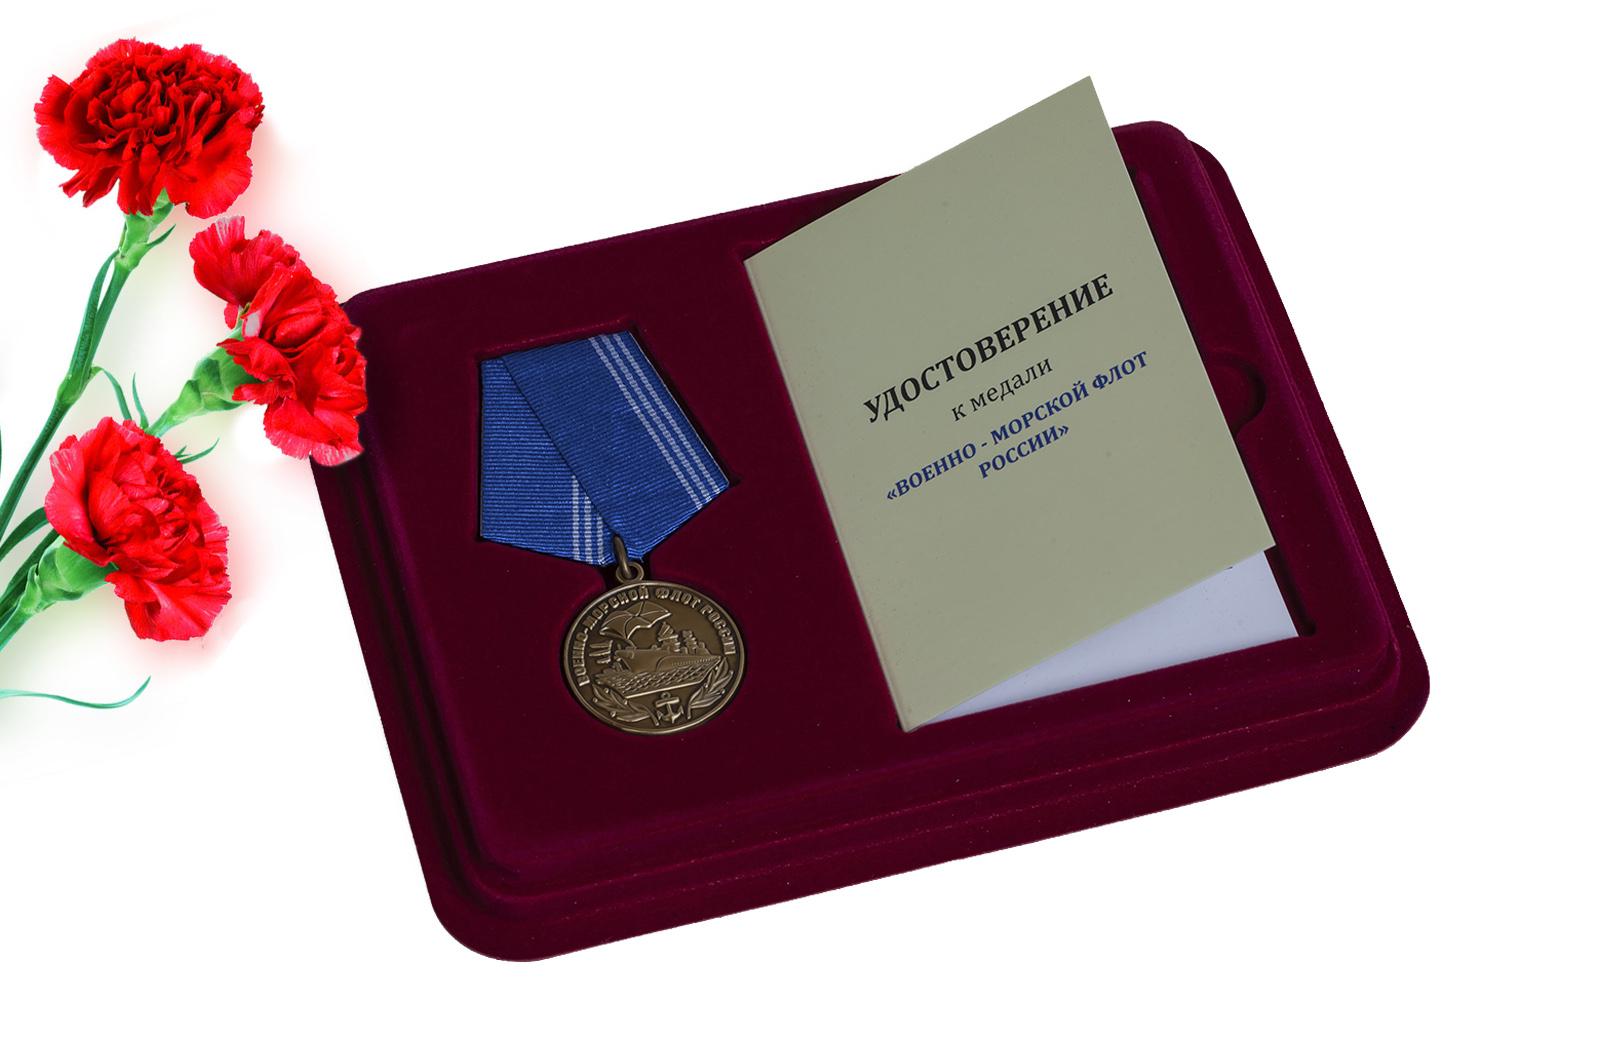 Купить медаль Военно-морской флот России в футляре с удостоверением в подарок